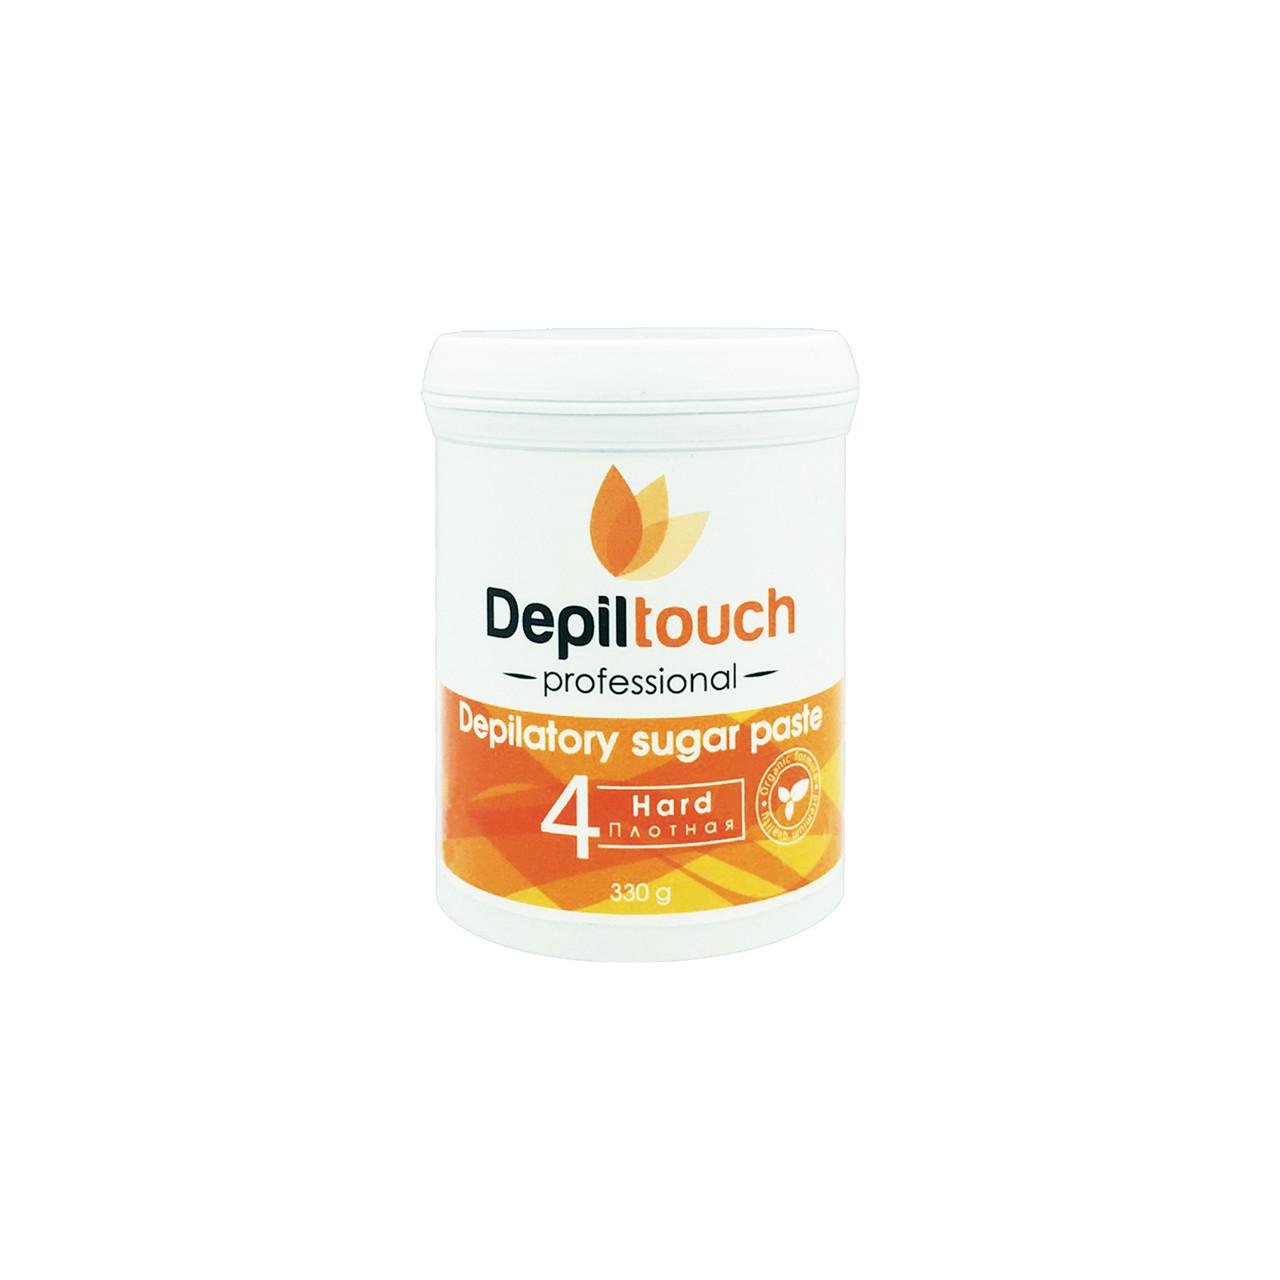 Сахарная паста для депиляции плотная Depiltouch Professional 330g